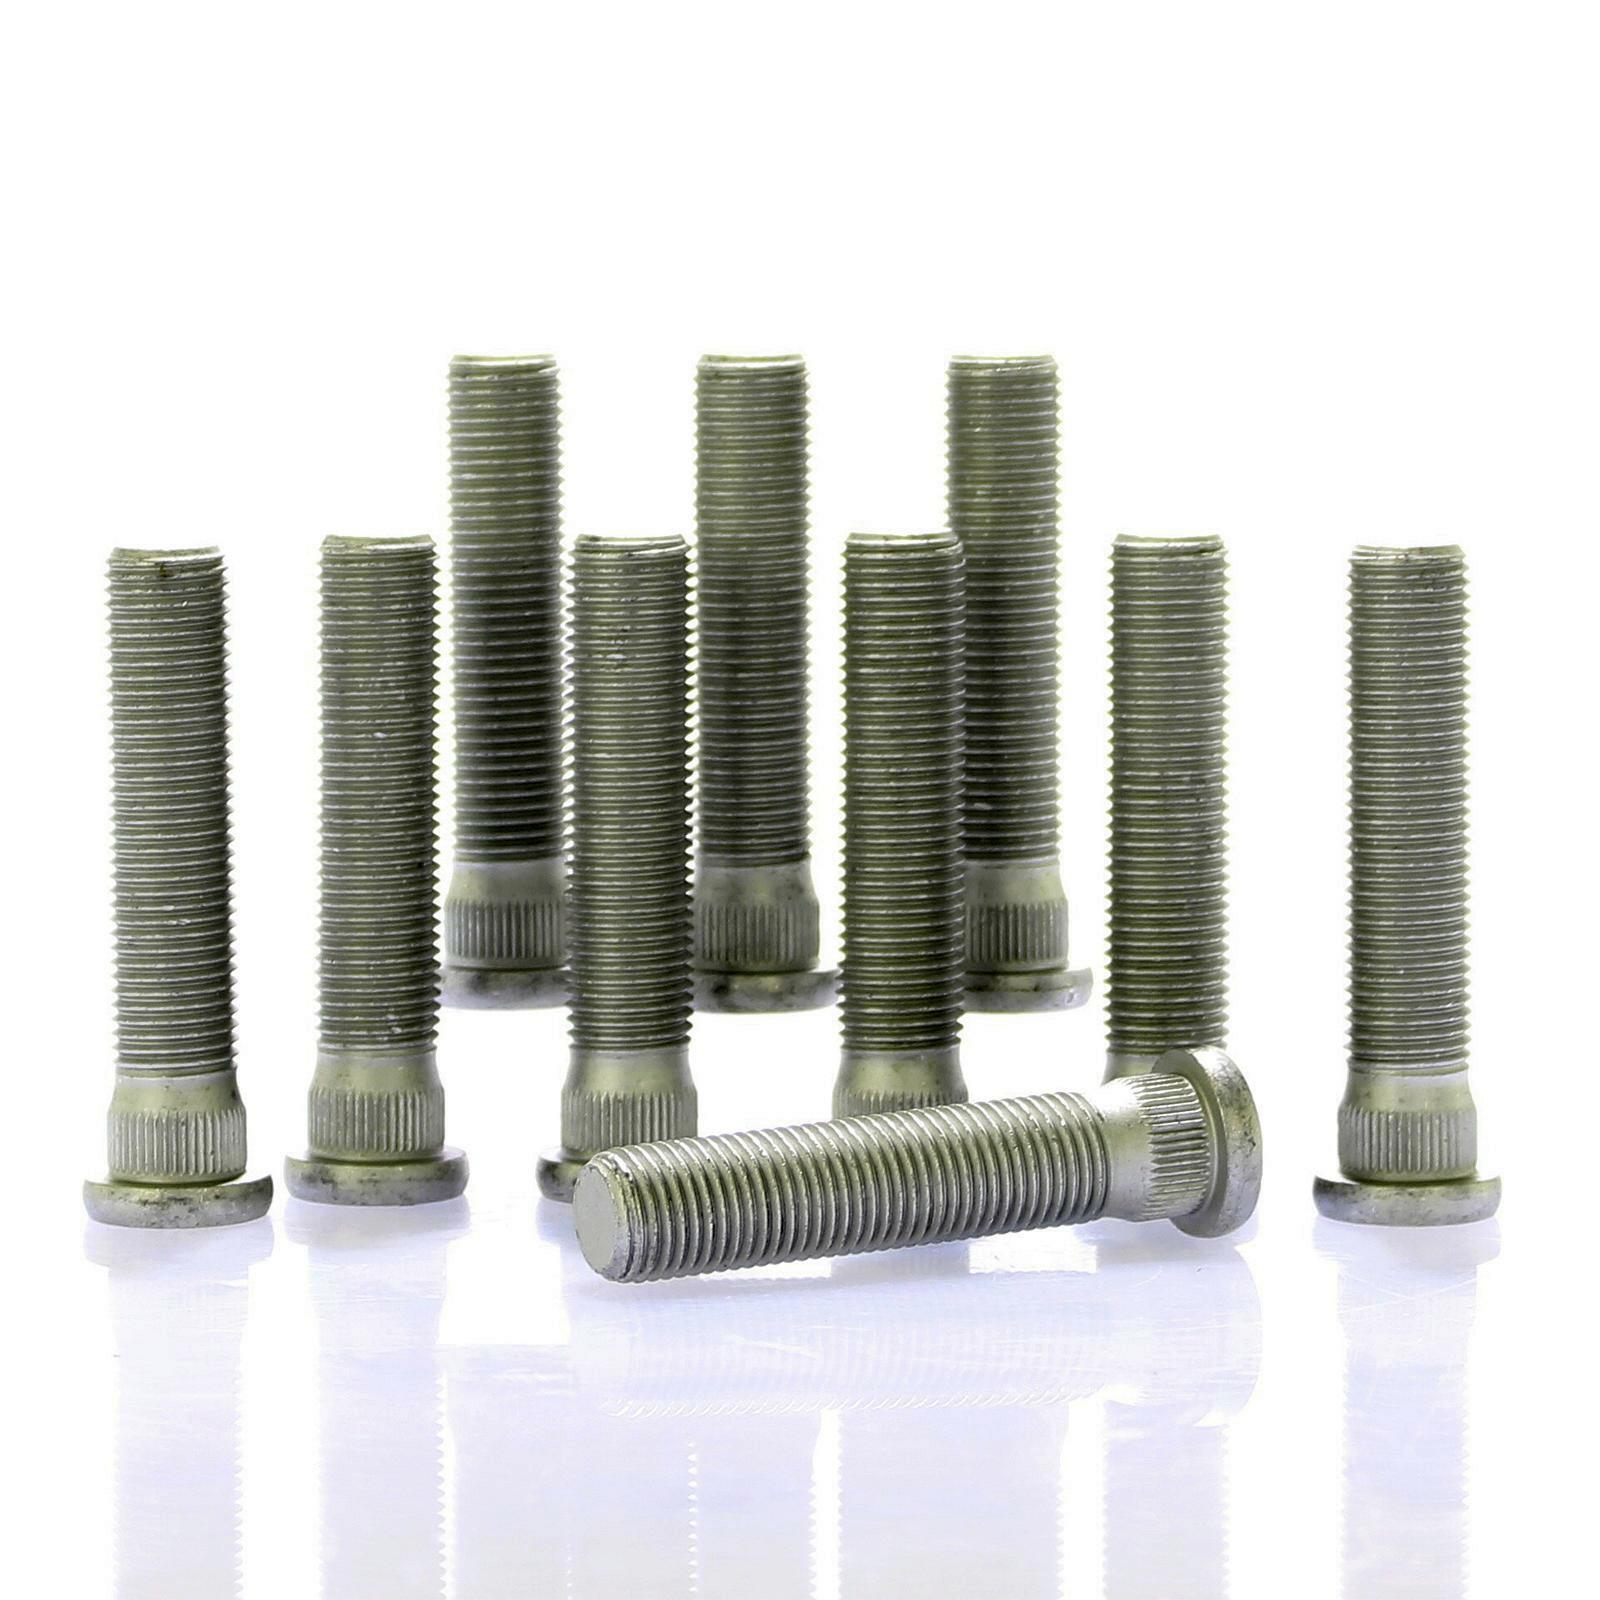 H&R DR-ABE Spurplatten Spurverbreiterung Distanzscheibe 5x120 20mm // 2x10mm